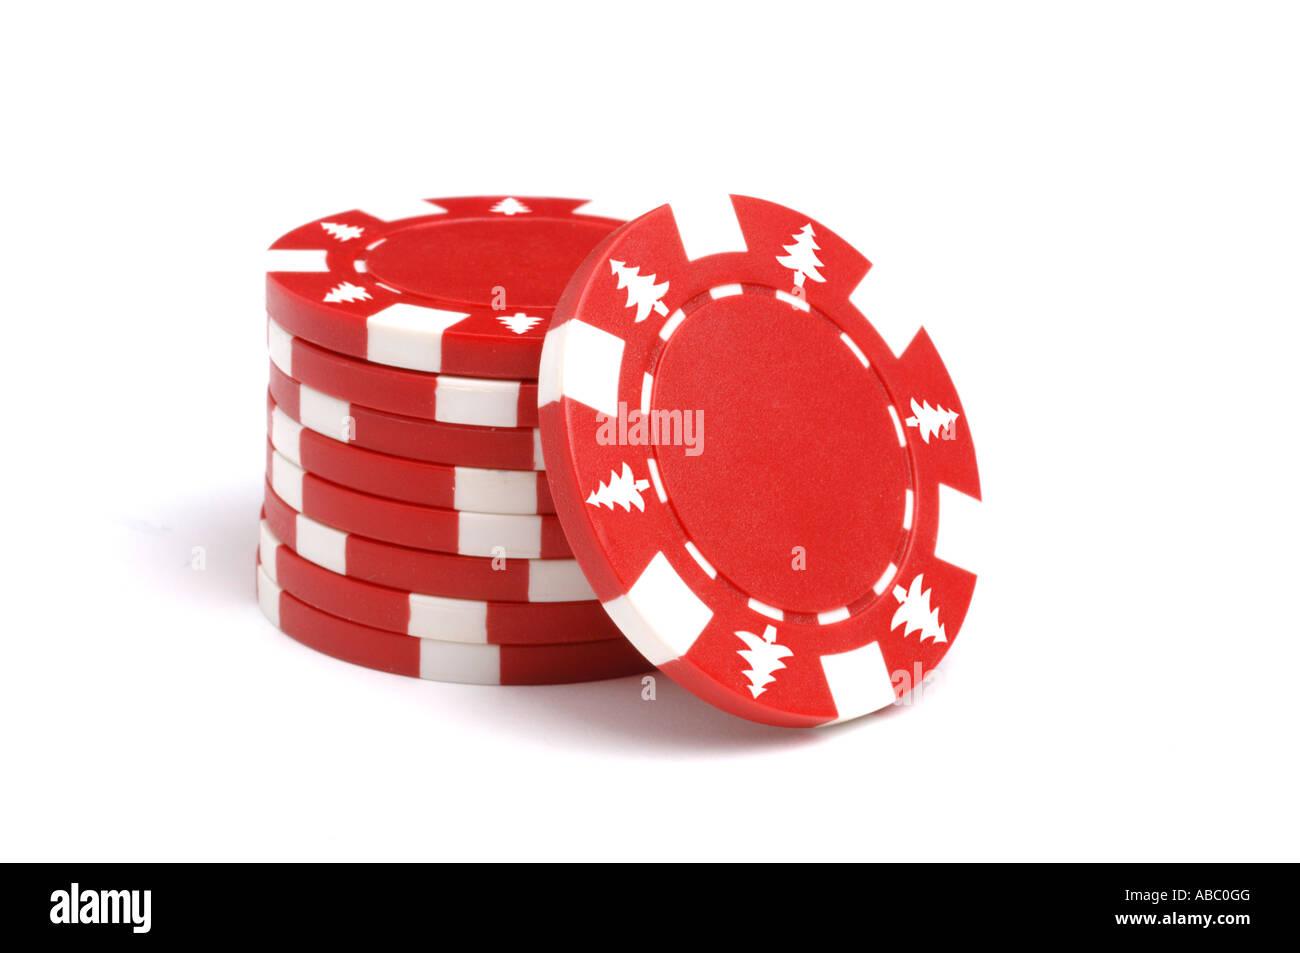 Fichas de póquer rojo con marcas de árbol de Navidad Imagen De Stock